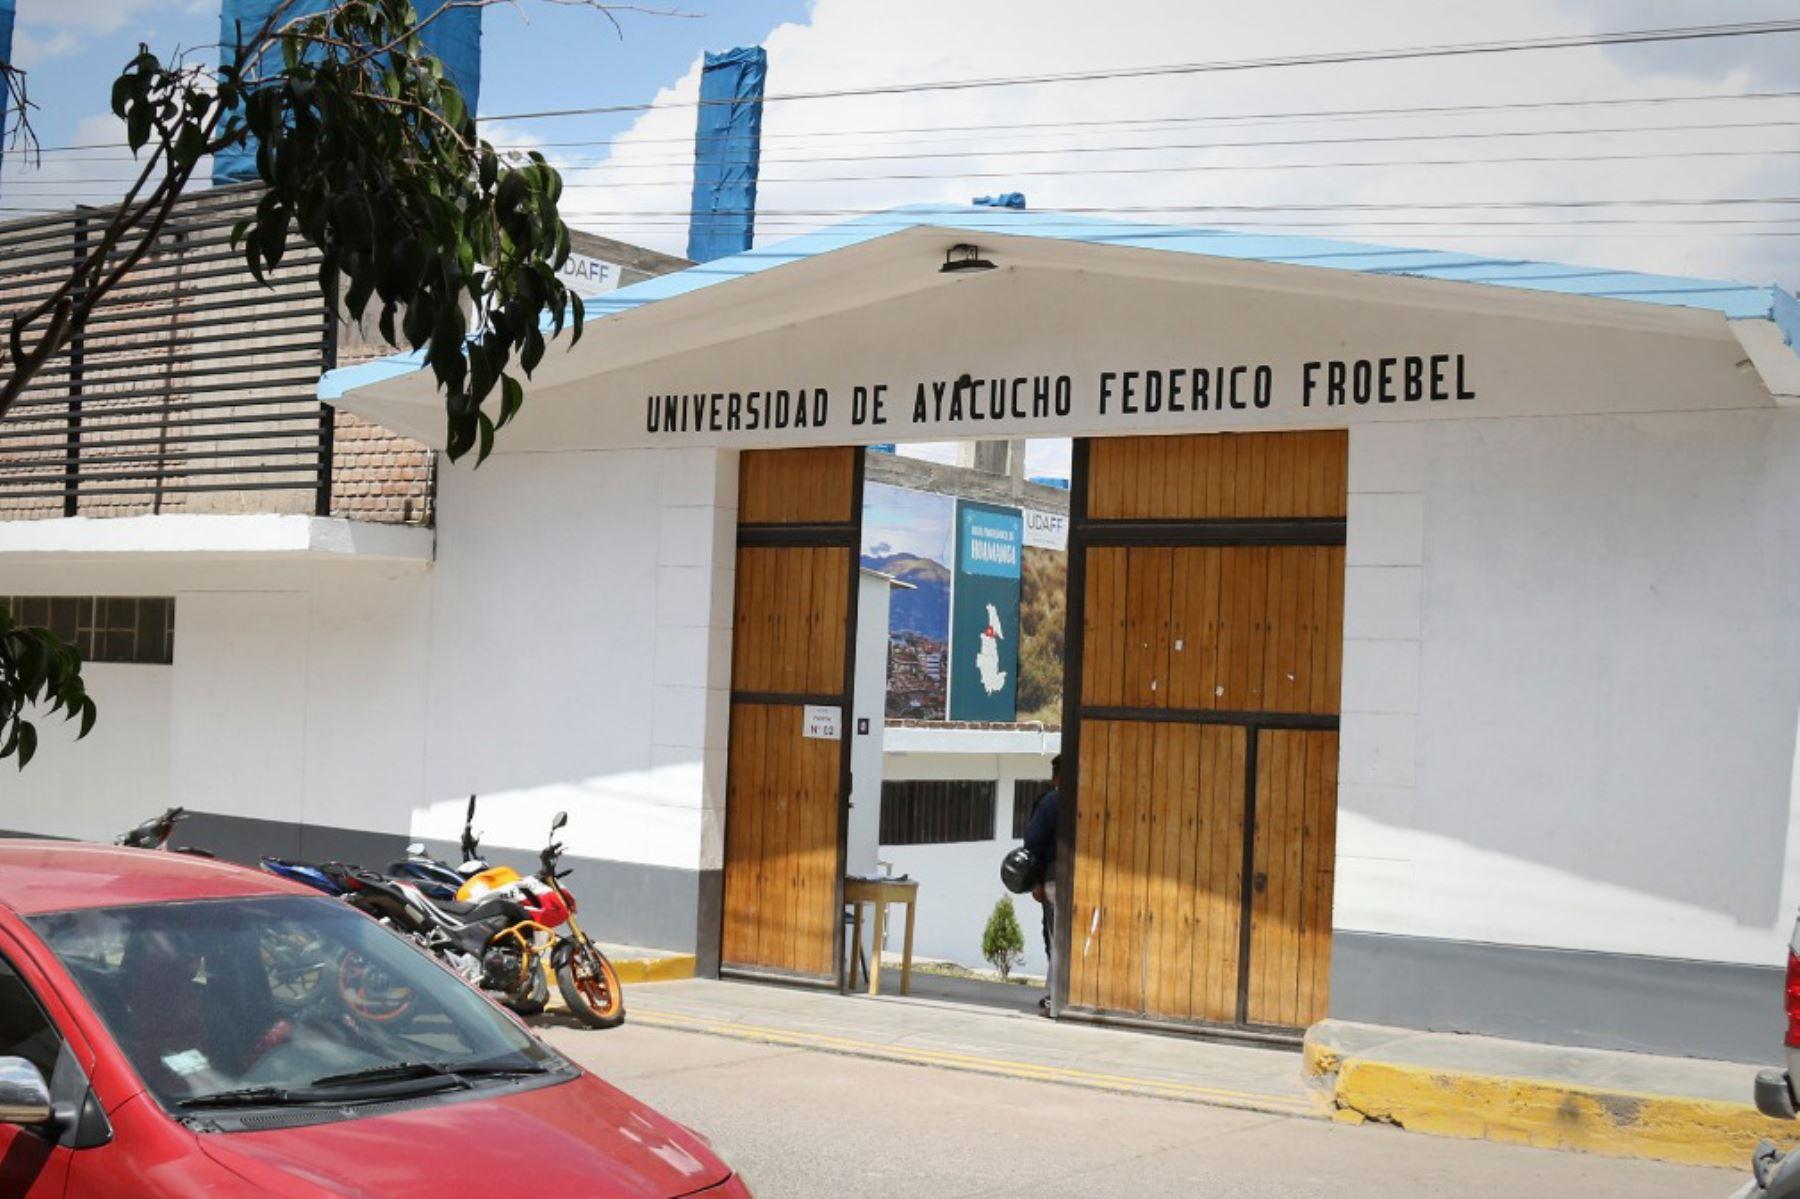 La Universidad de Ayacucho Federico Froebel ofrece tres programas académicos en su único local ubicado en la provincia de Huamanga. Foto: Sunedu